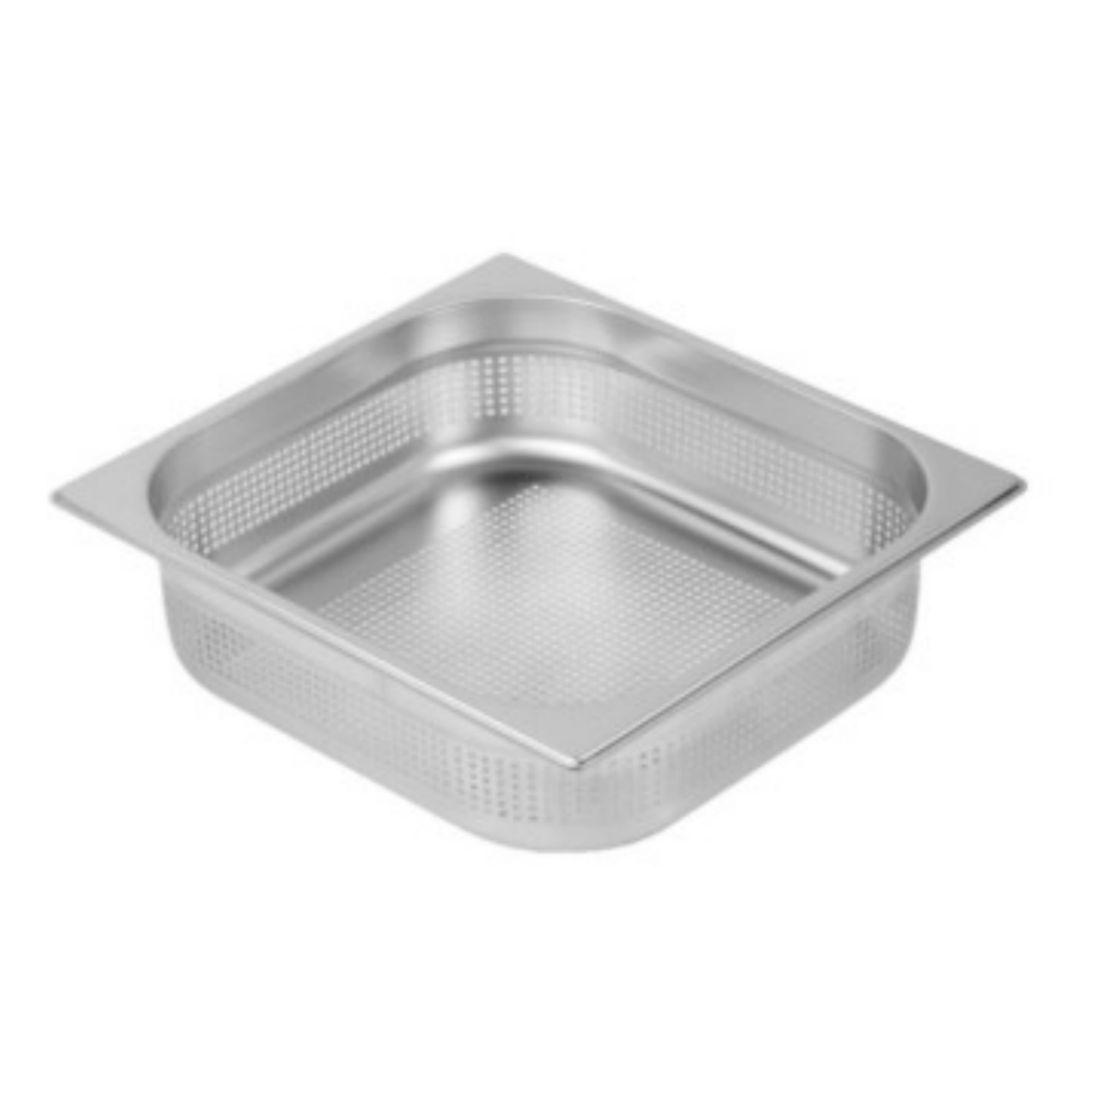 Gastronádoba Profi děrovaná s úchyty GN 2/1100 mm